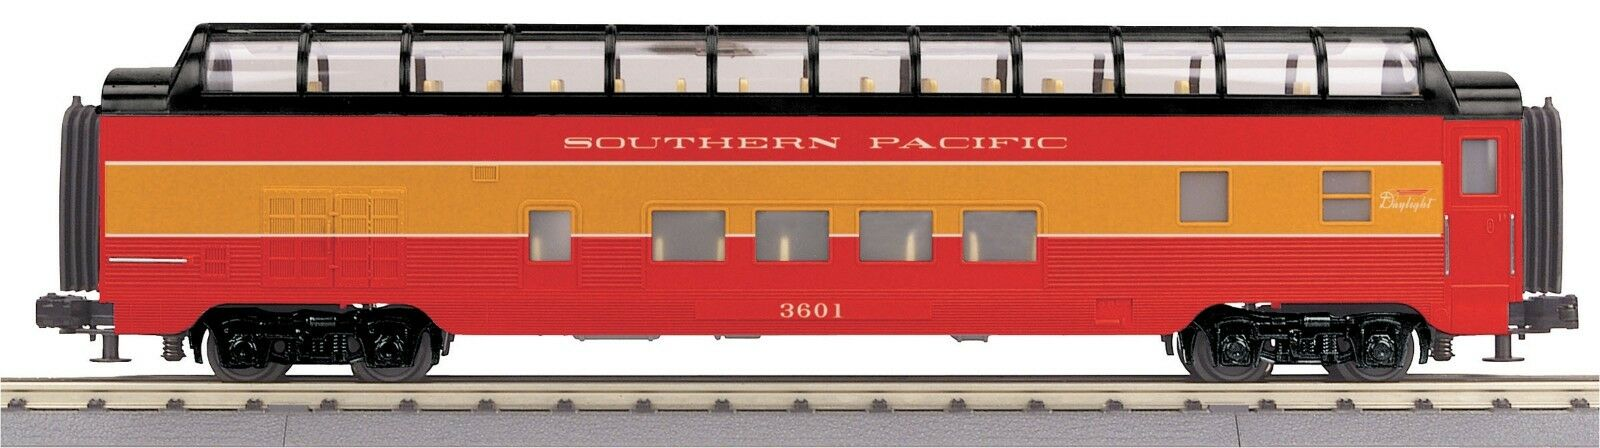 MTH 30-68069 Southern Pacific Vista Completa cúpula strlined 60 Ft. Auto RK o GA 3 FerroCocheril